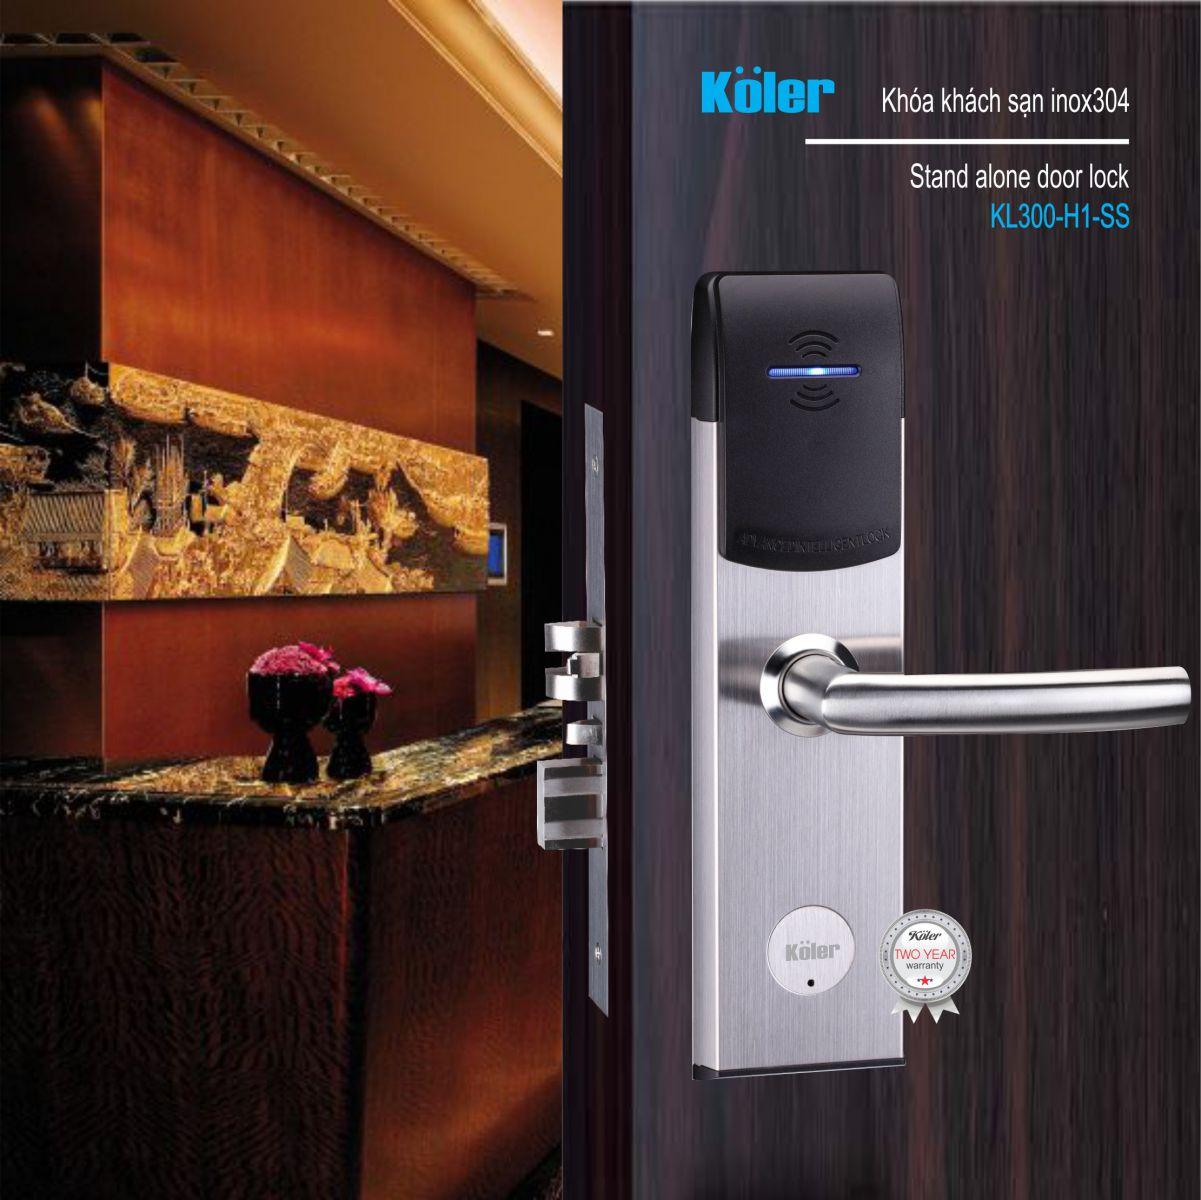 Khóa khách sạn Koler-germany KL300-H1-SS